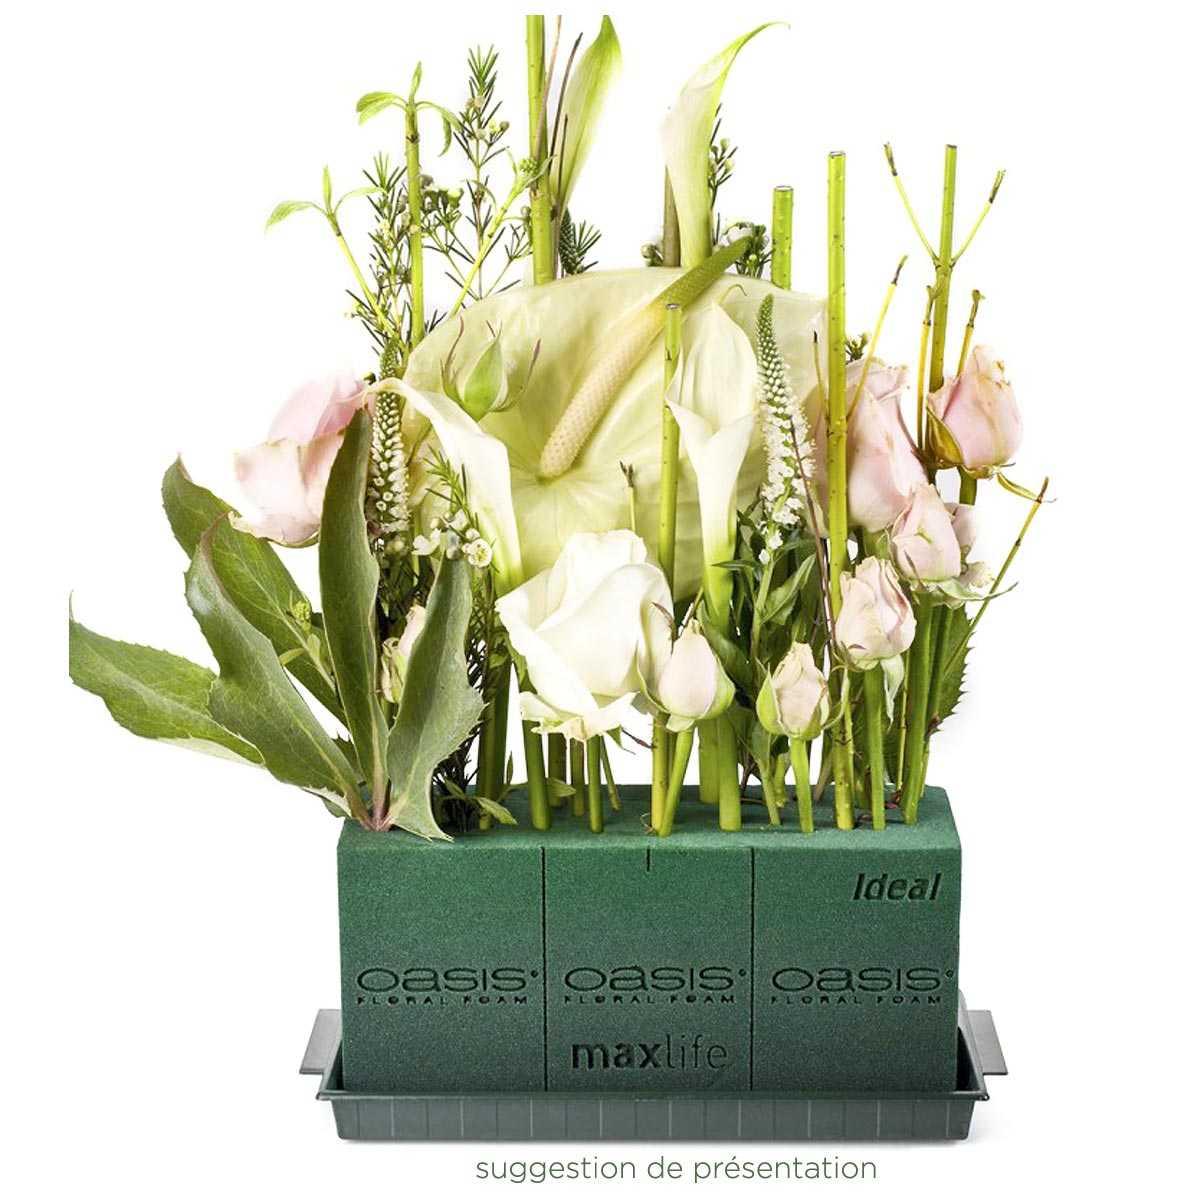 Ou Acheter De La Mousse Pour Piquer Des Fleurs brique de mousse florale